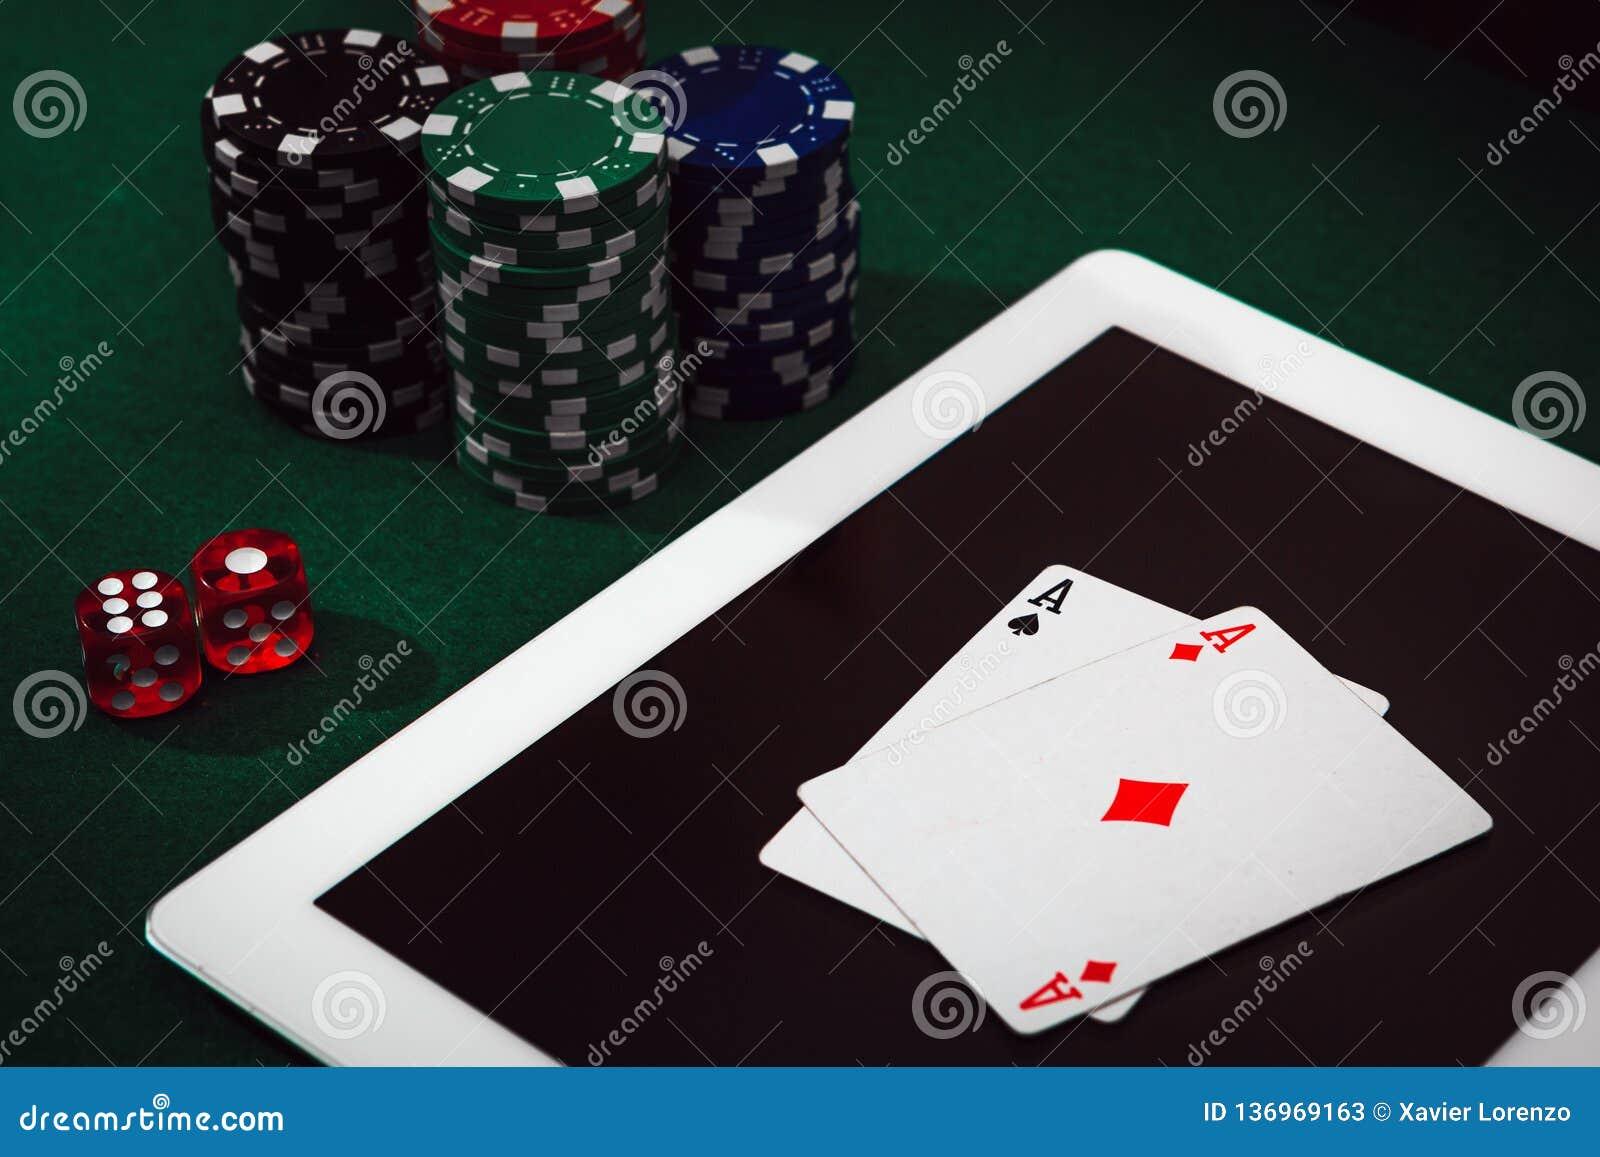 Spielende Sucht auf Internet Wetten- und Gewinngeld, das online Schürhaken spielt Kasino bricht ab, kardiert und würfelt das Stap